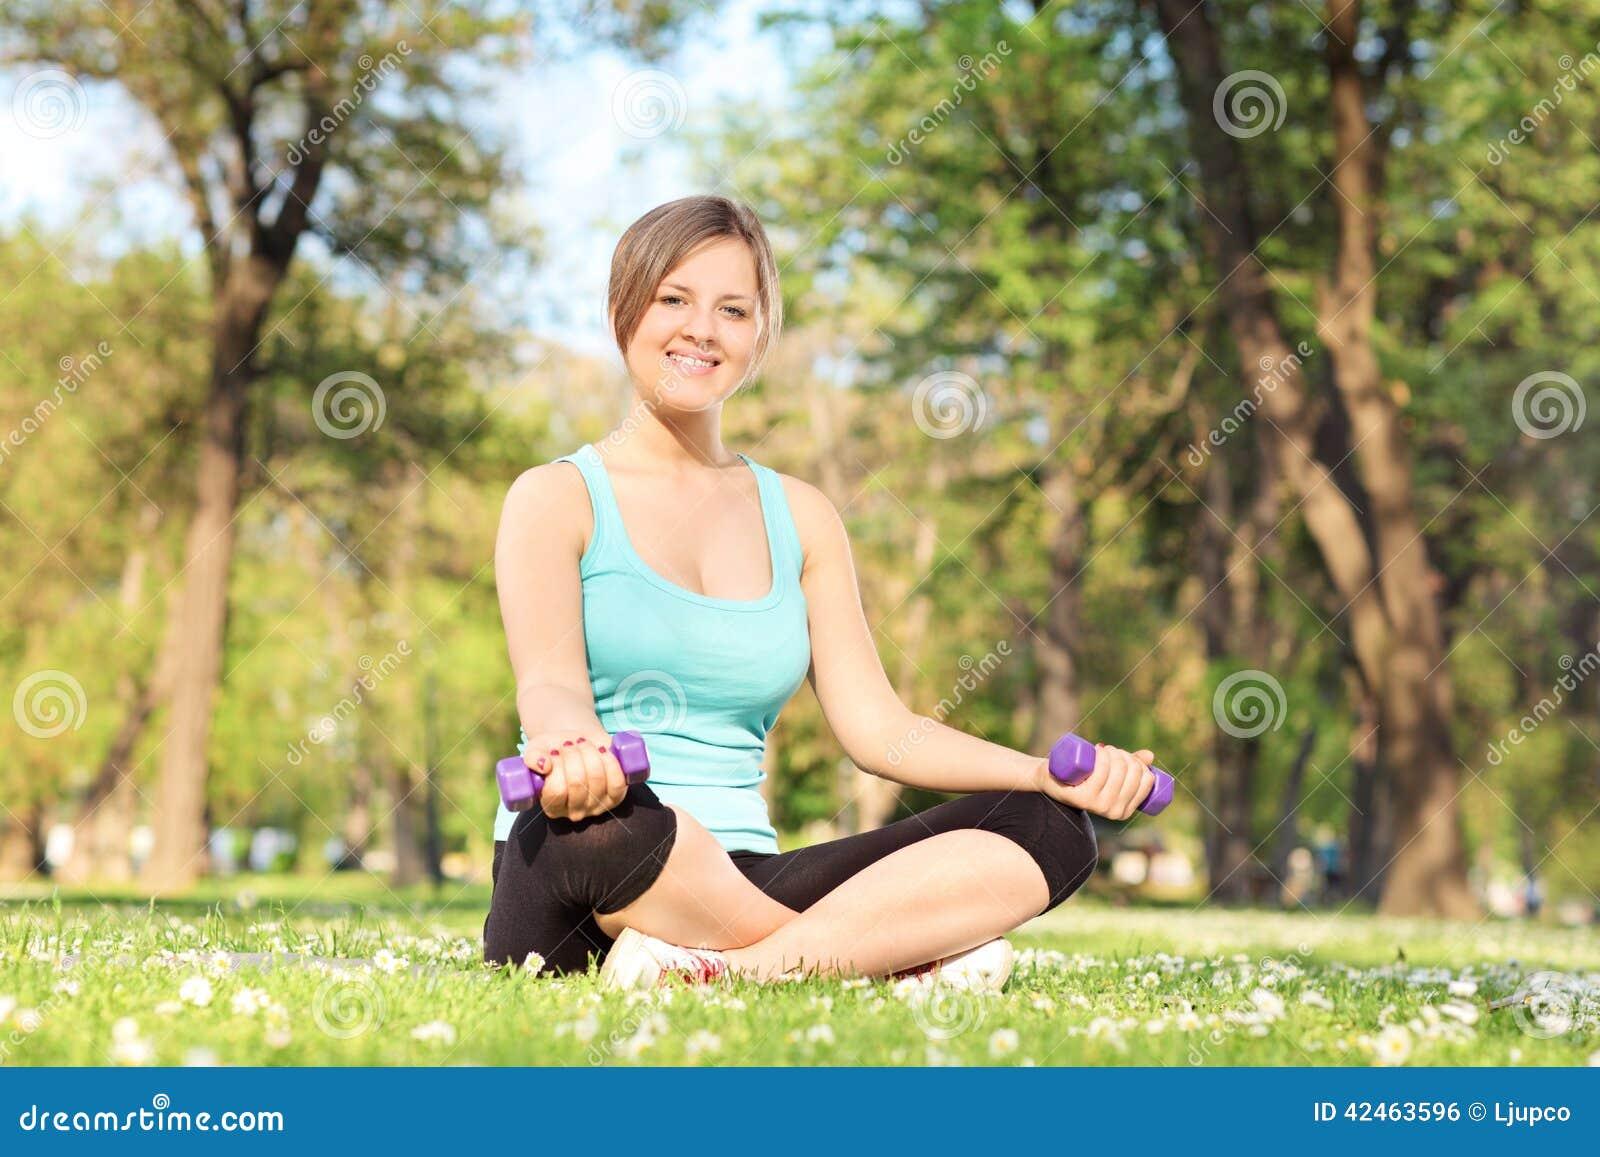 Frau, die mit Dummköpfen im Park trainiert